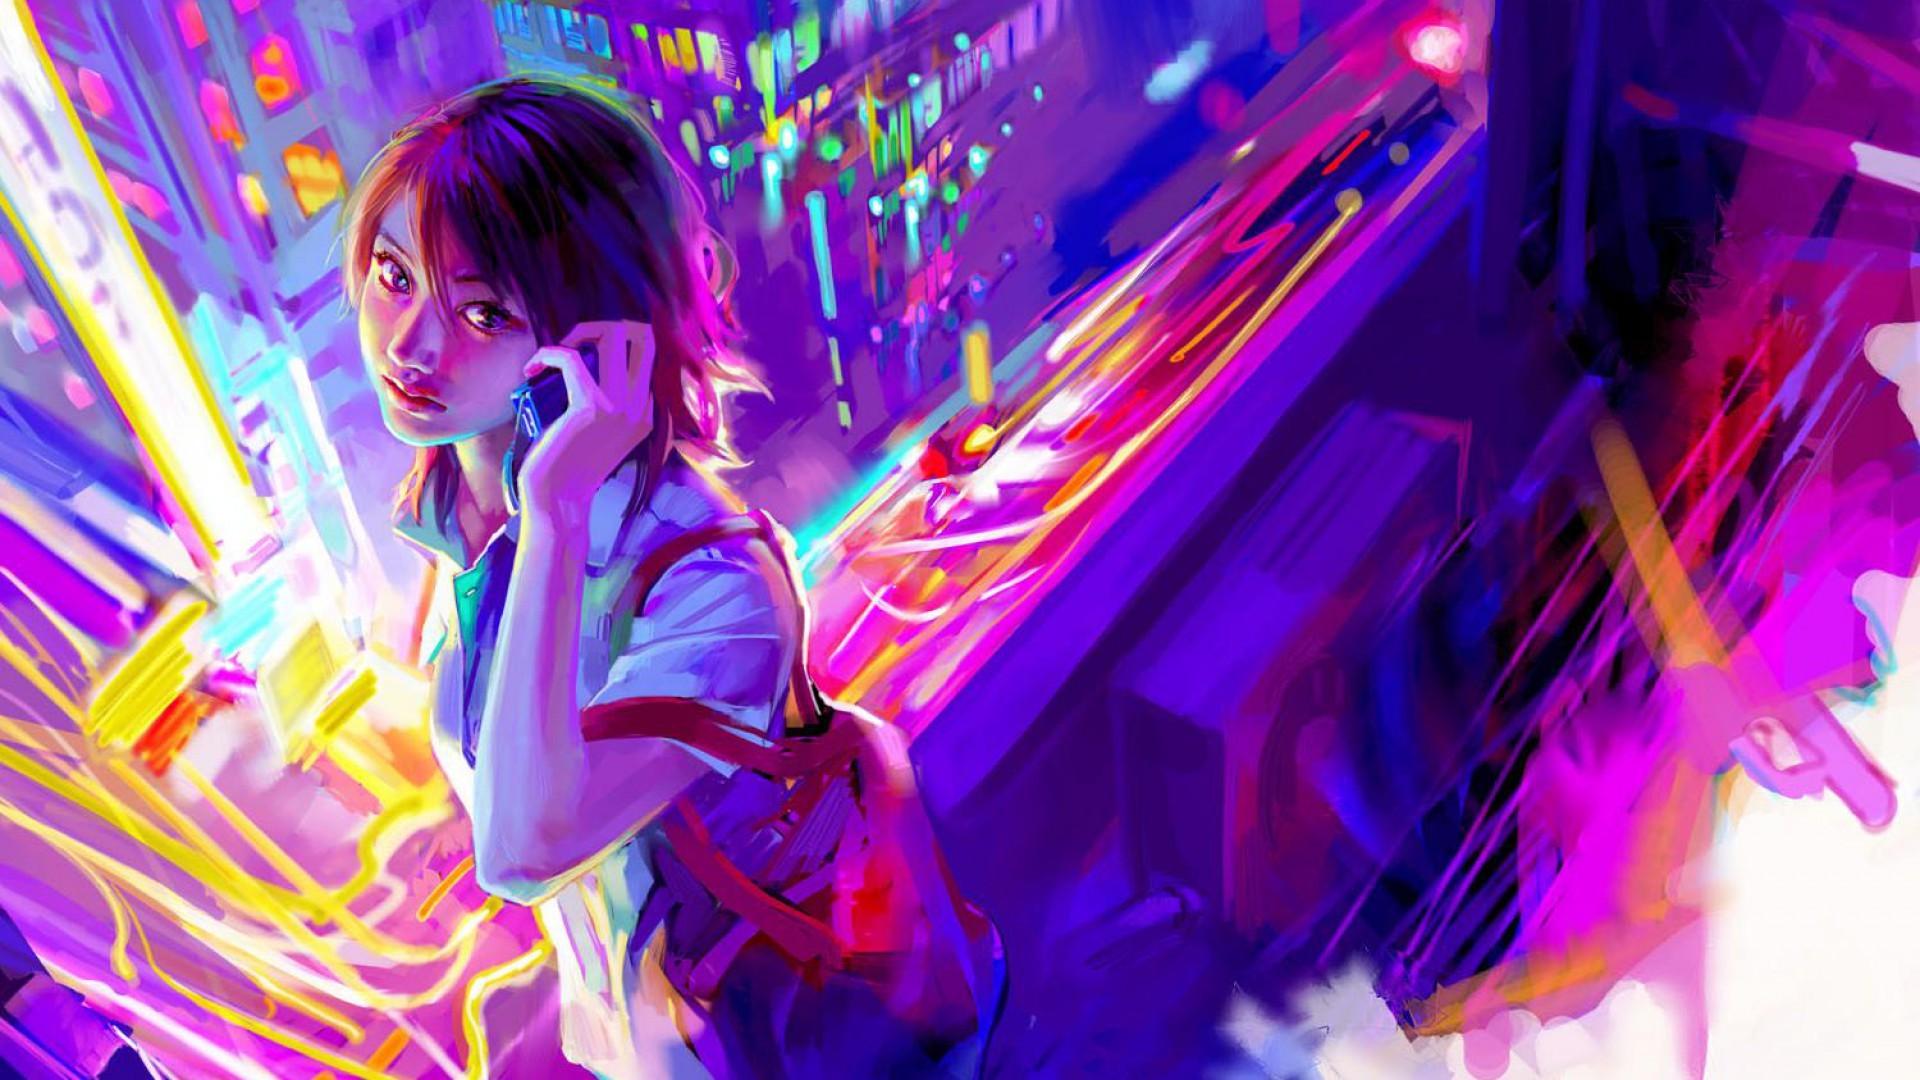 Trippy Hippie Art | … art 1 miscellaneous digital art psychedelic trippy  trippy wallpaper